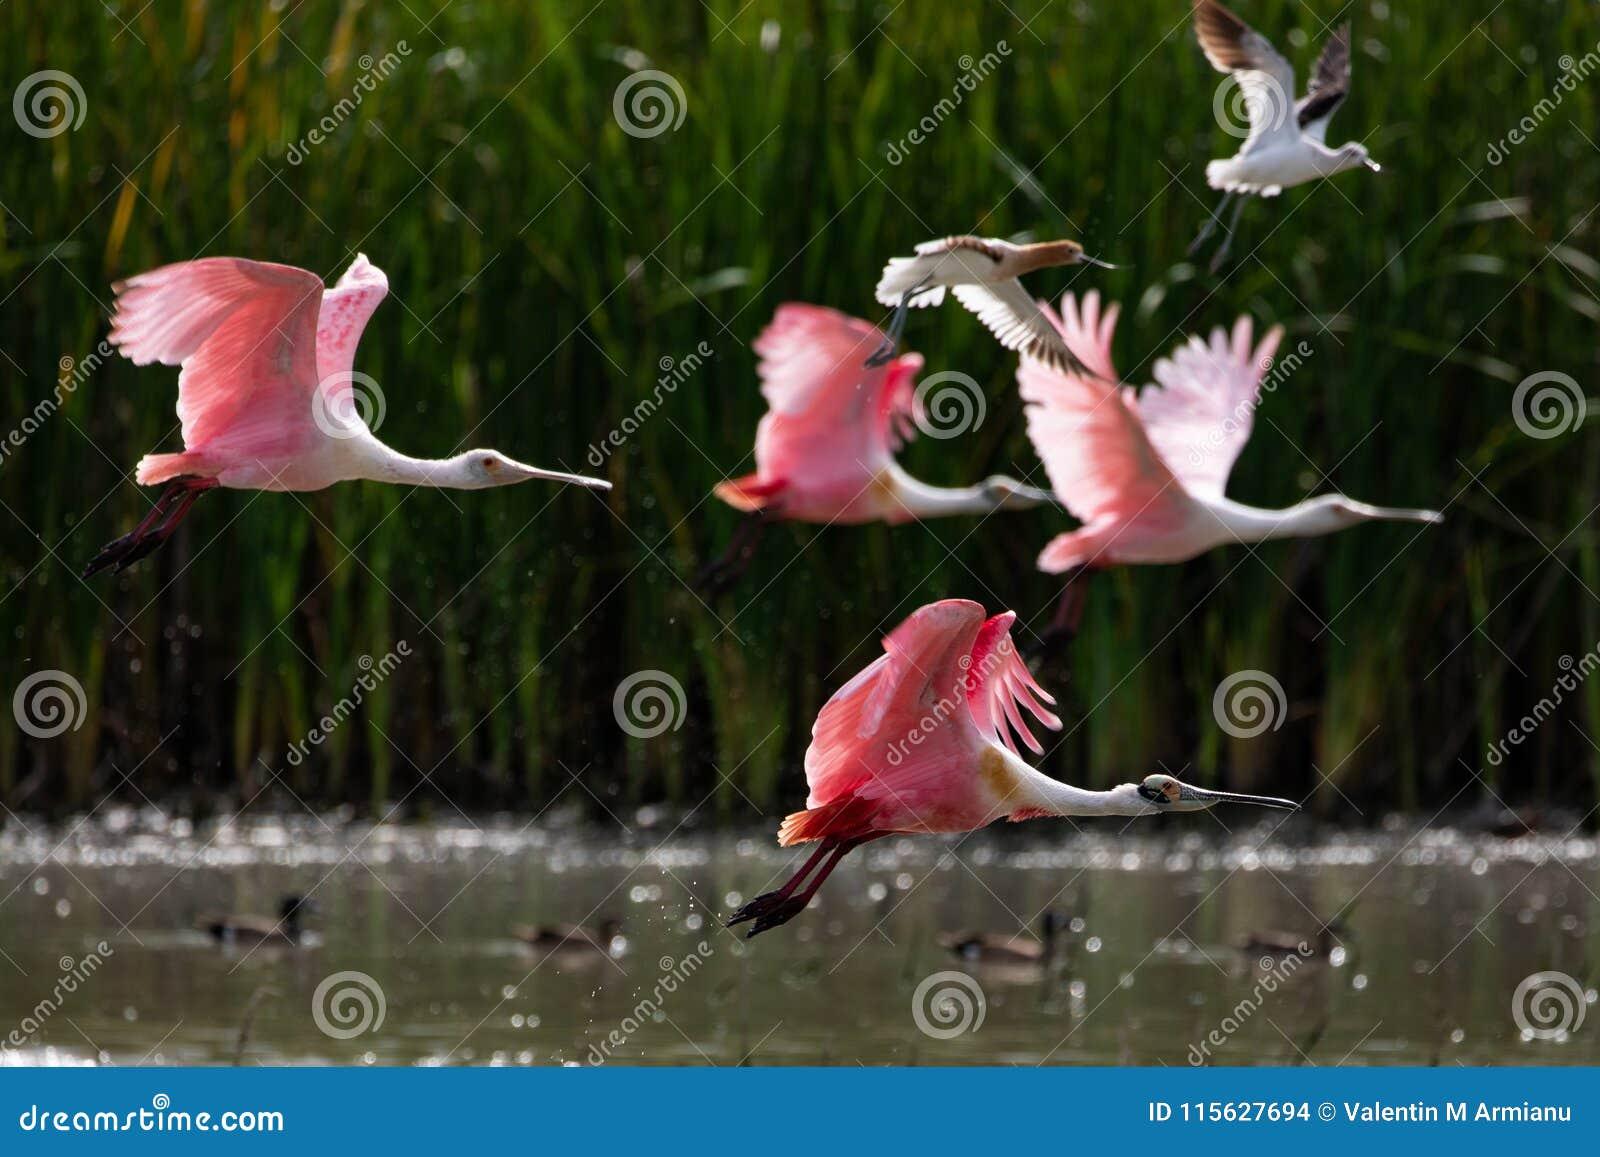 Spatule rose en vol